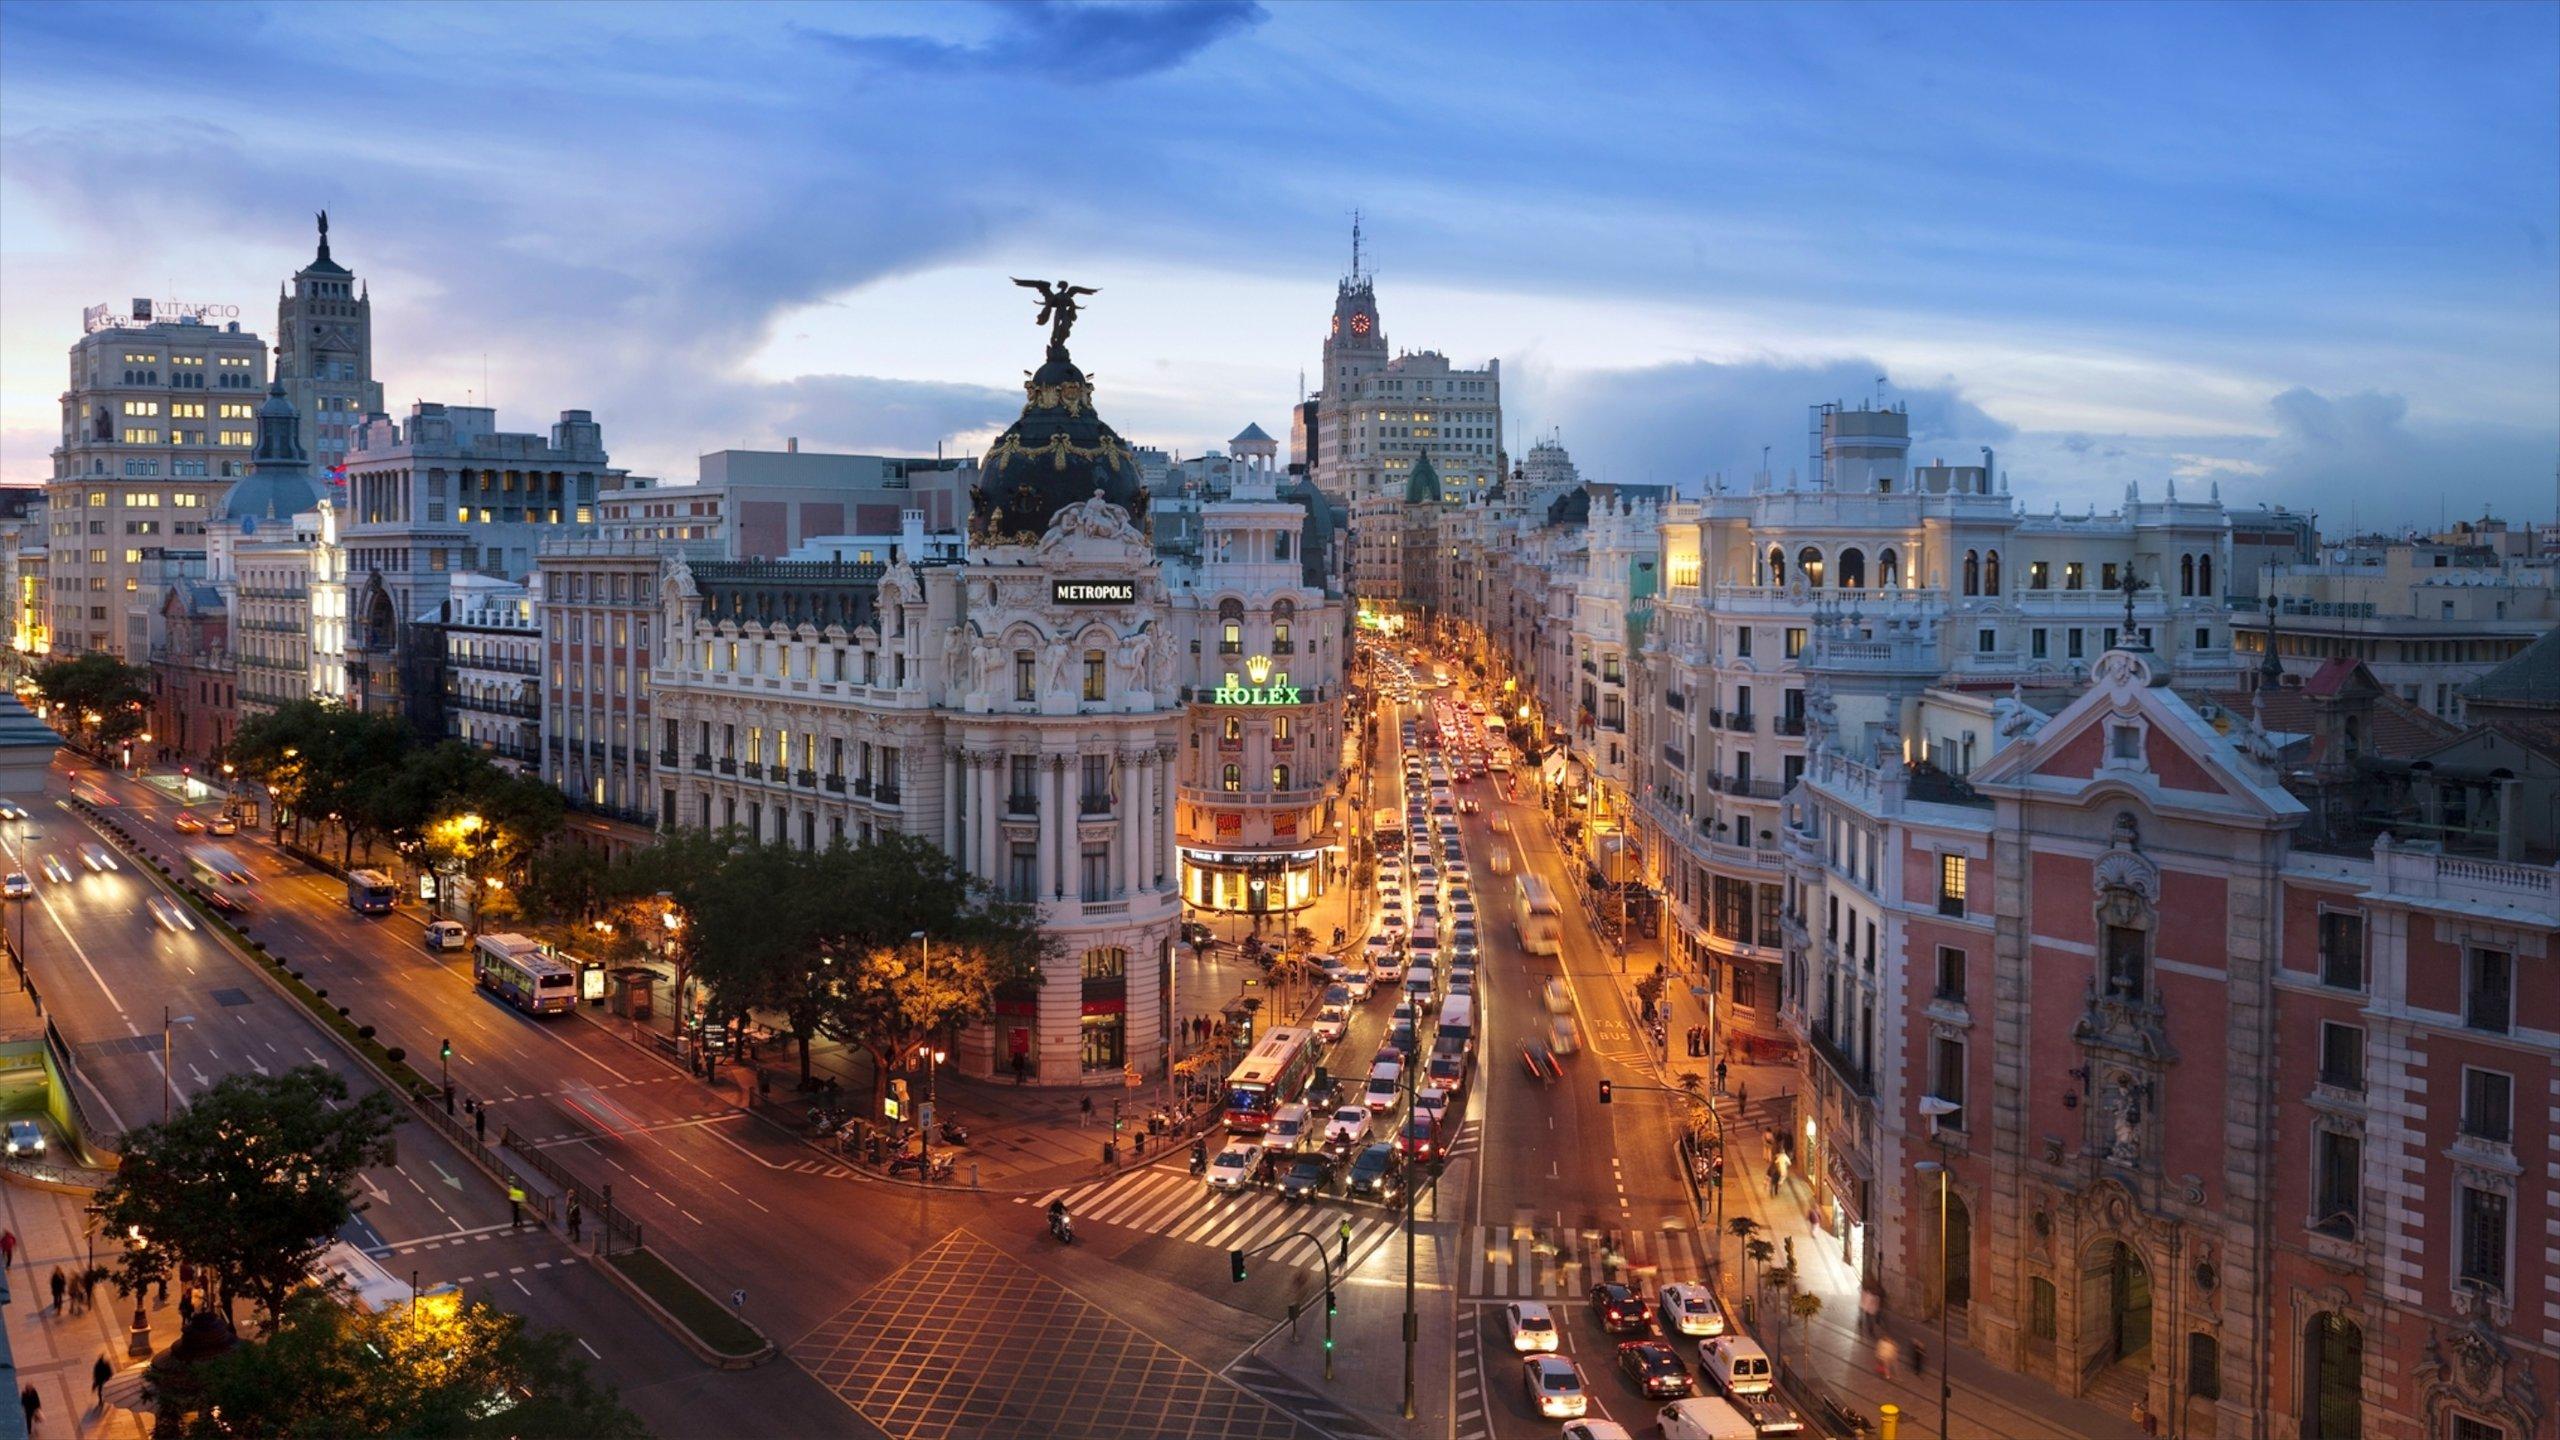 La famosa calle comercial de Madrid cuenta con boutiques y tiendas de marcas internacionales, una animada vida nocturna y un impresionante despliegue arquitectónico de principios del siglo XX.